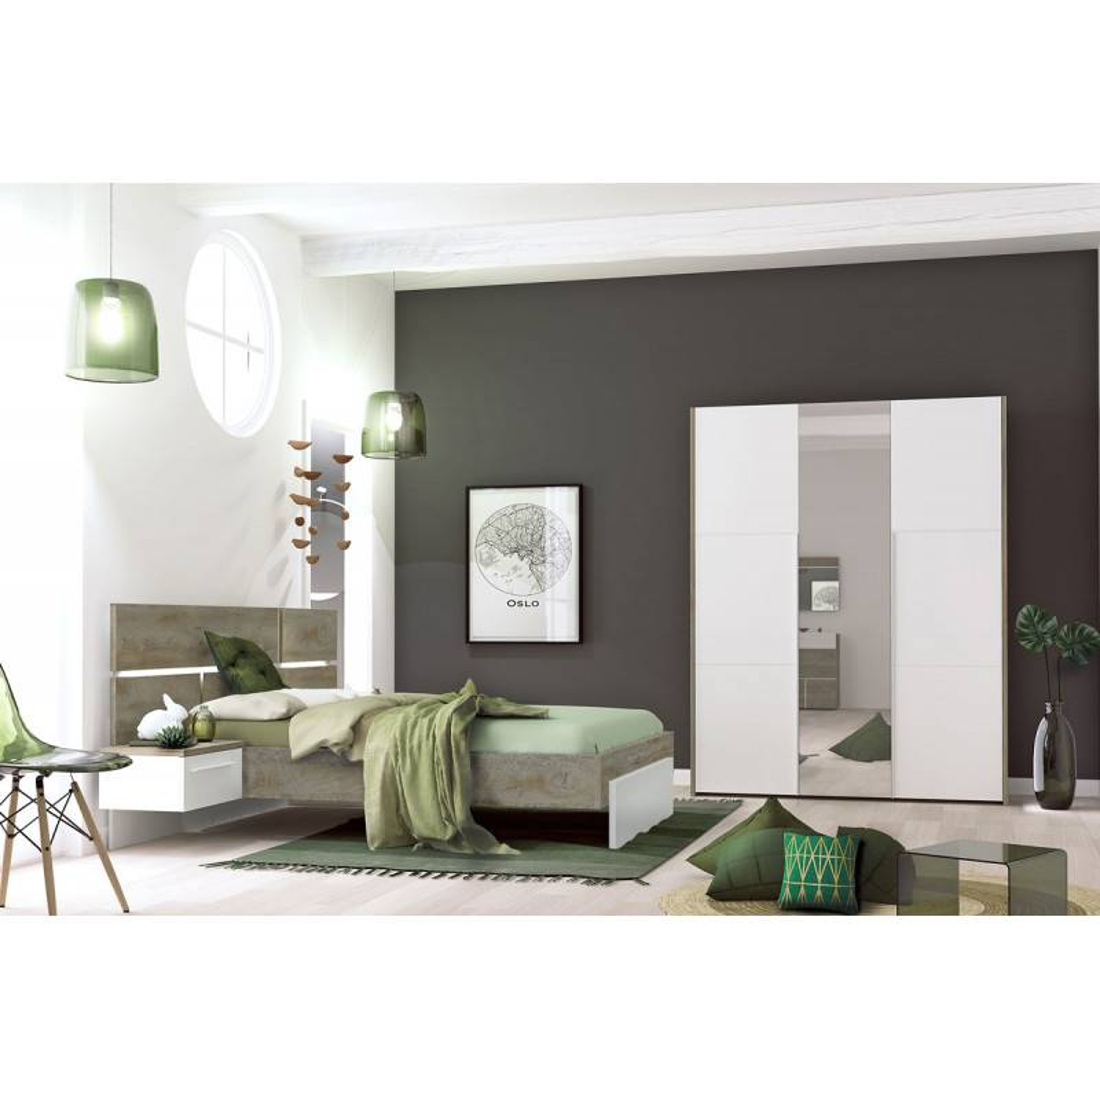 Tousmesmeubles Chambre Adulte Complète (160*200) - FLORINE n°3 - L 264 x l 208 x H 40/102